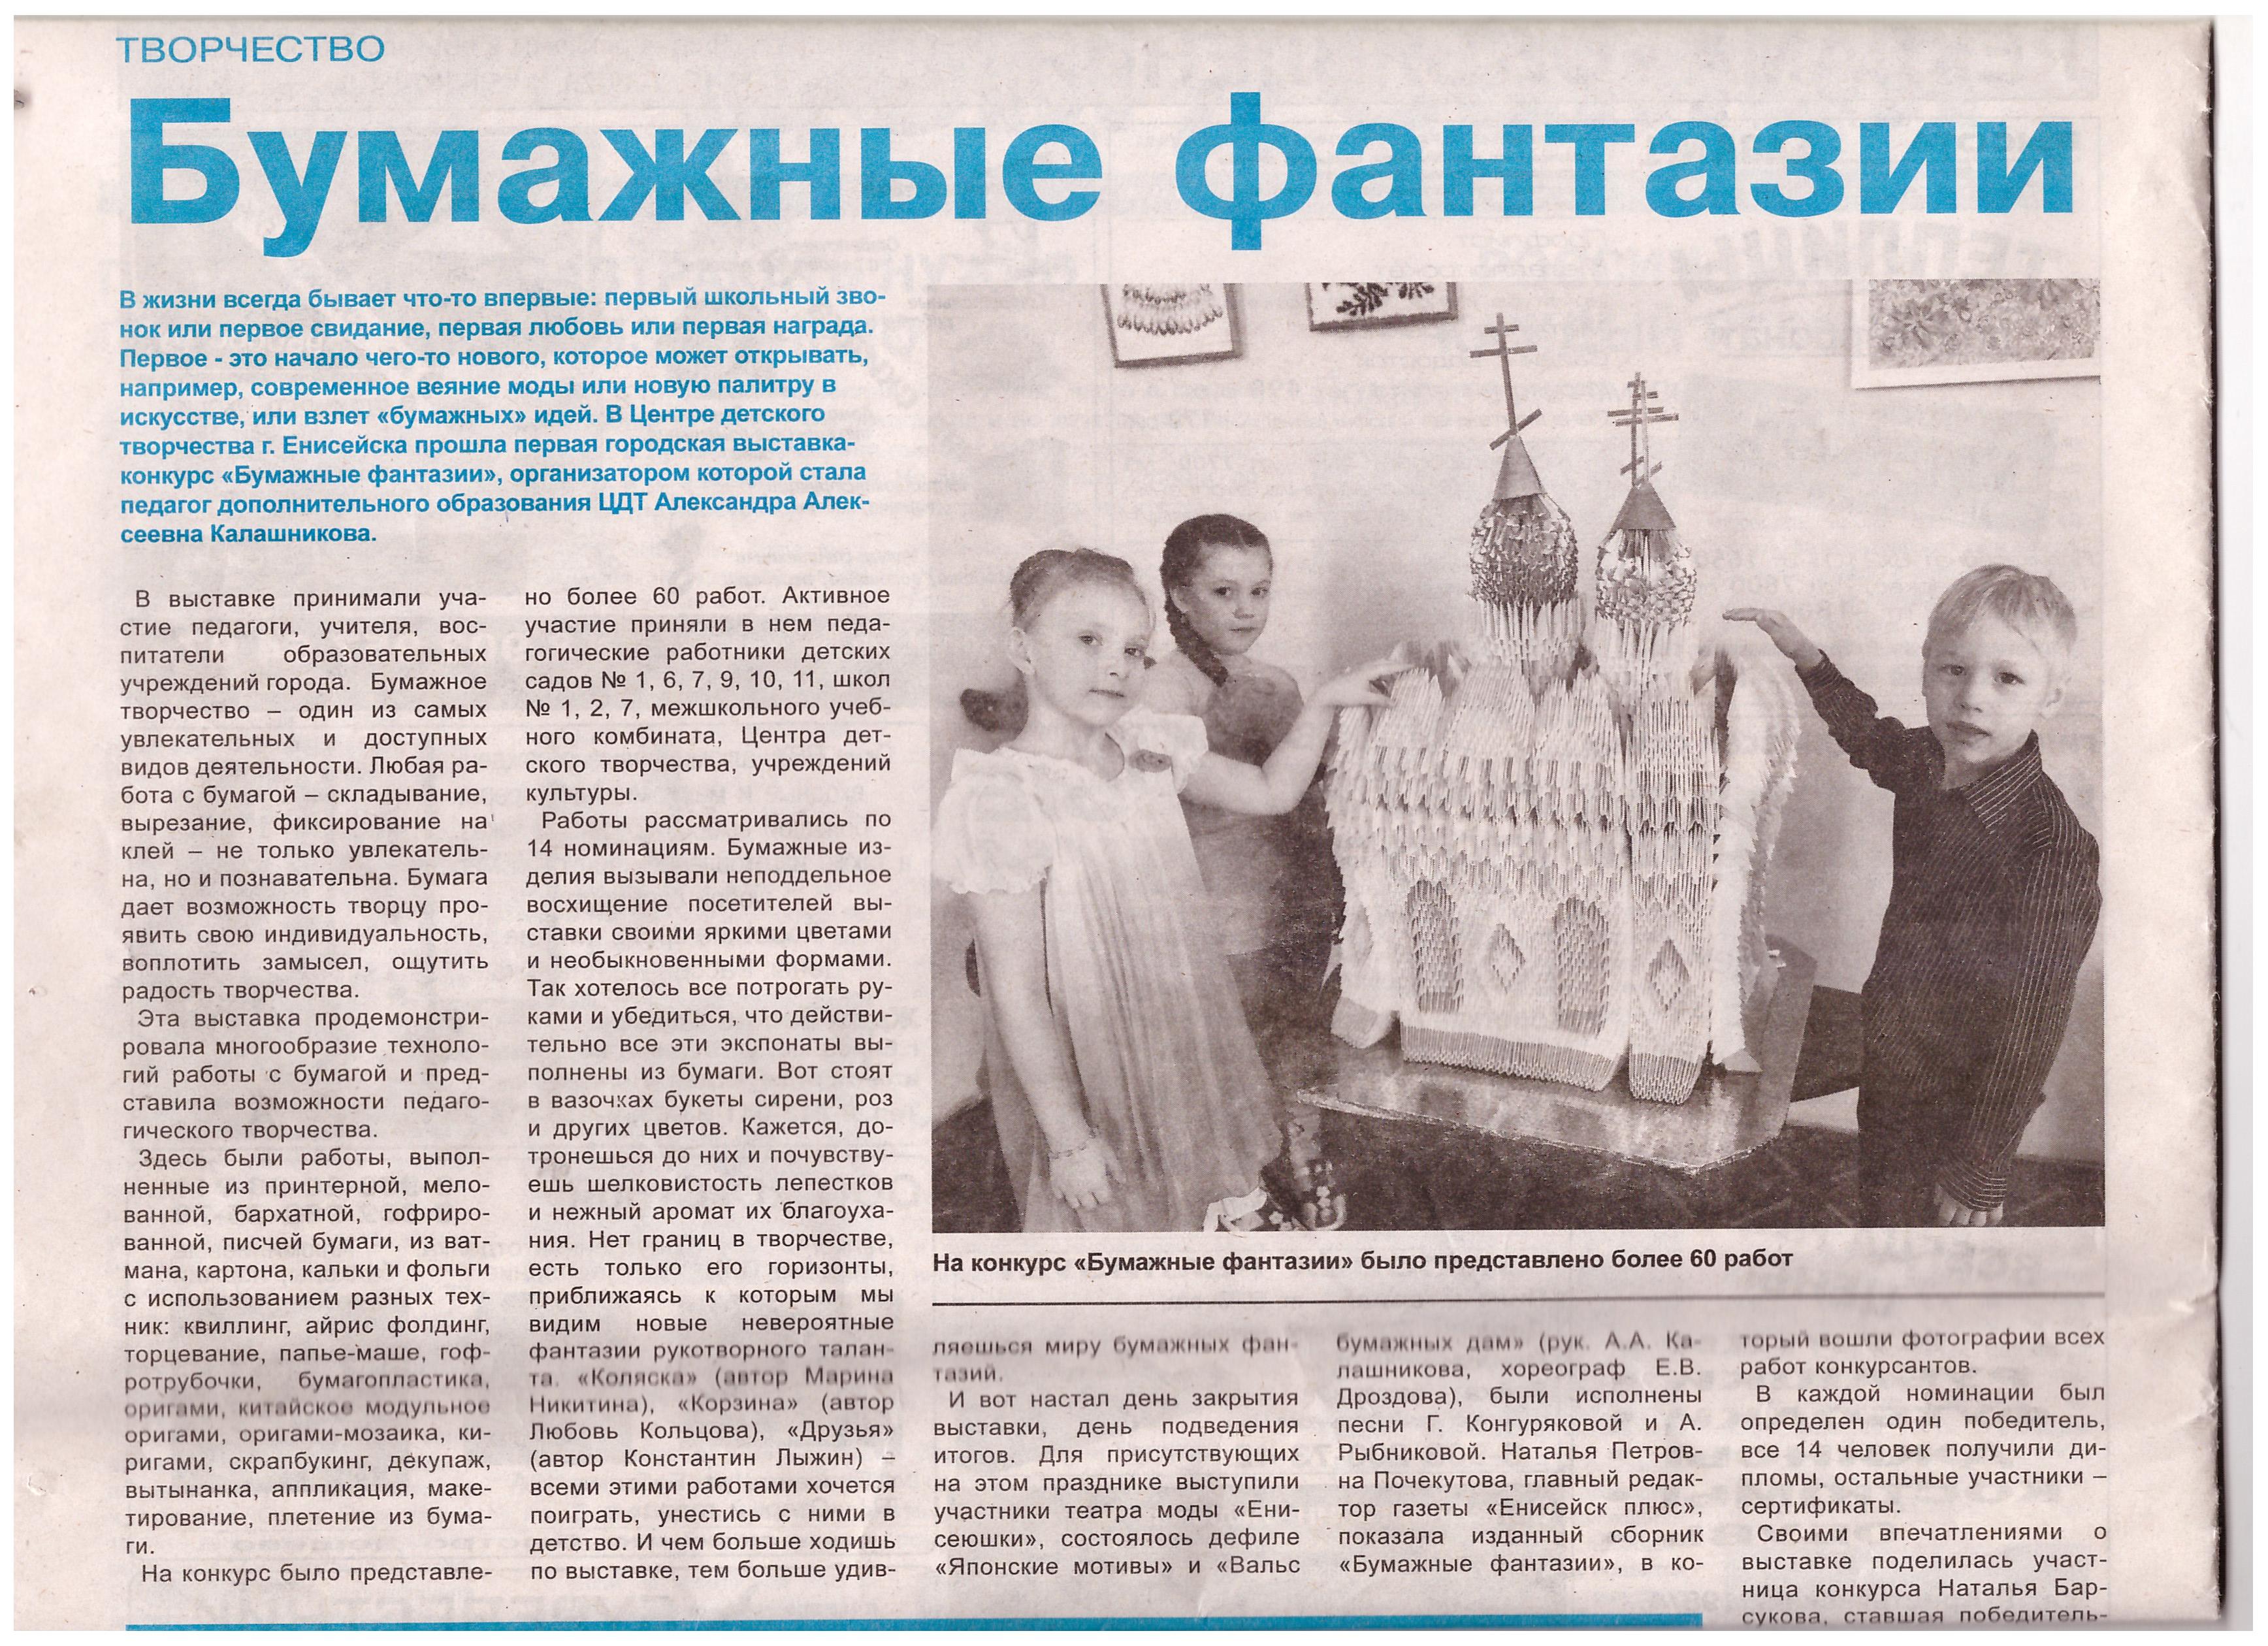 enisejskaja_pravda_15_ot_09.04198